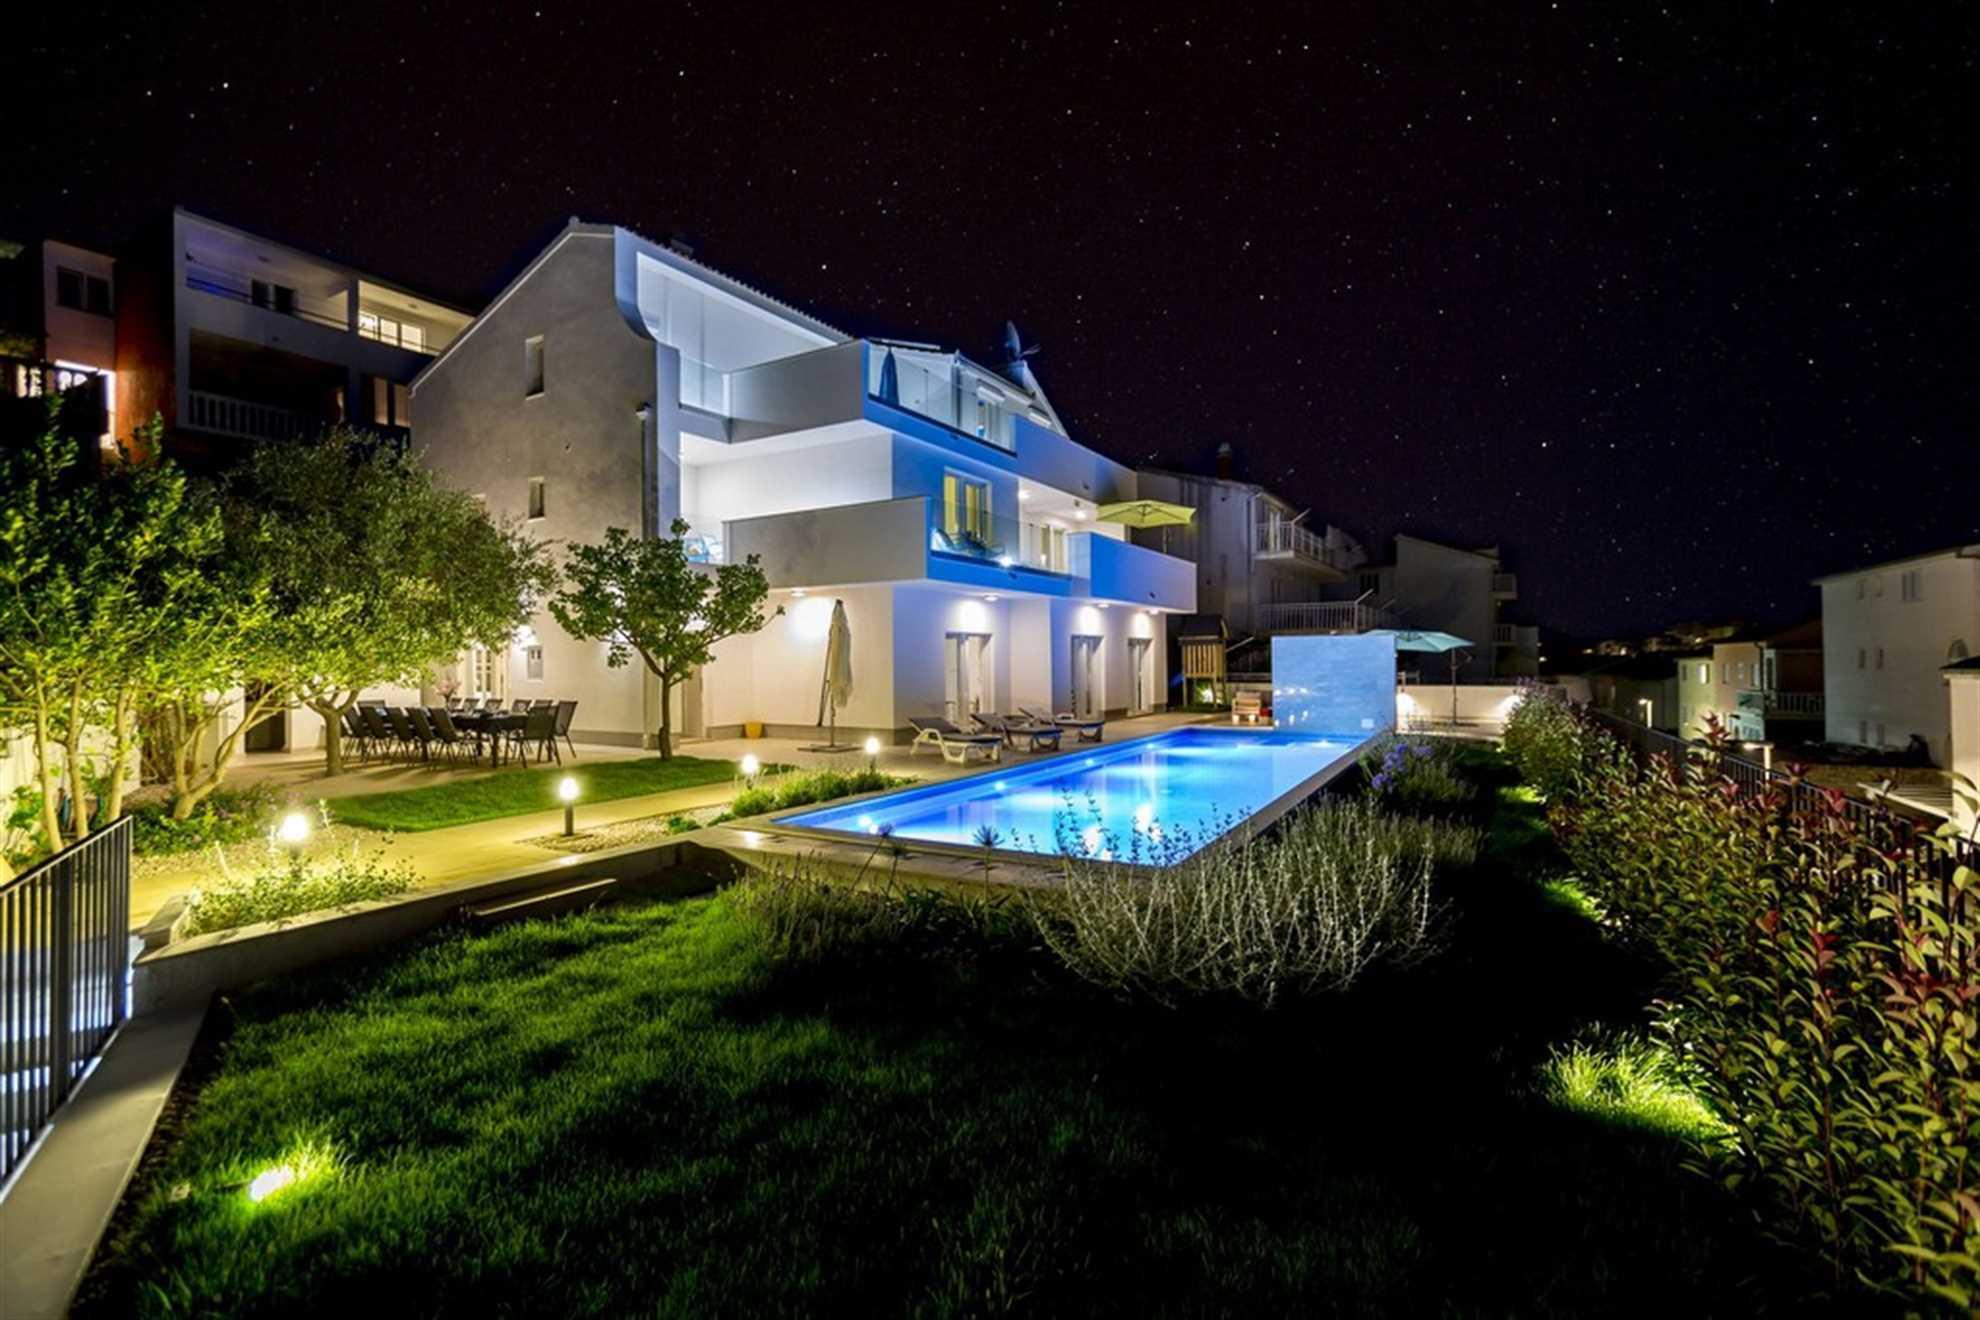 Villa My Happy Place